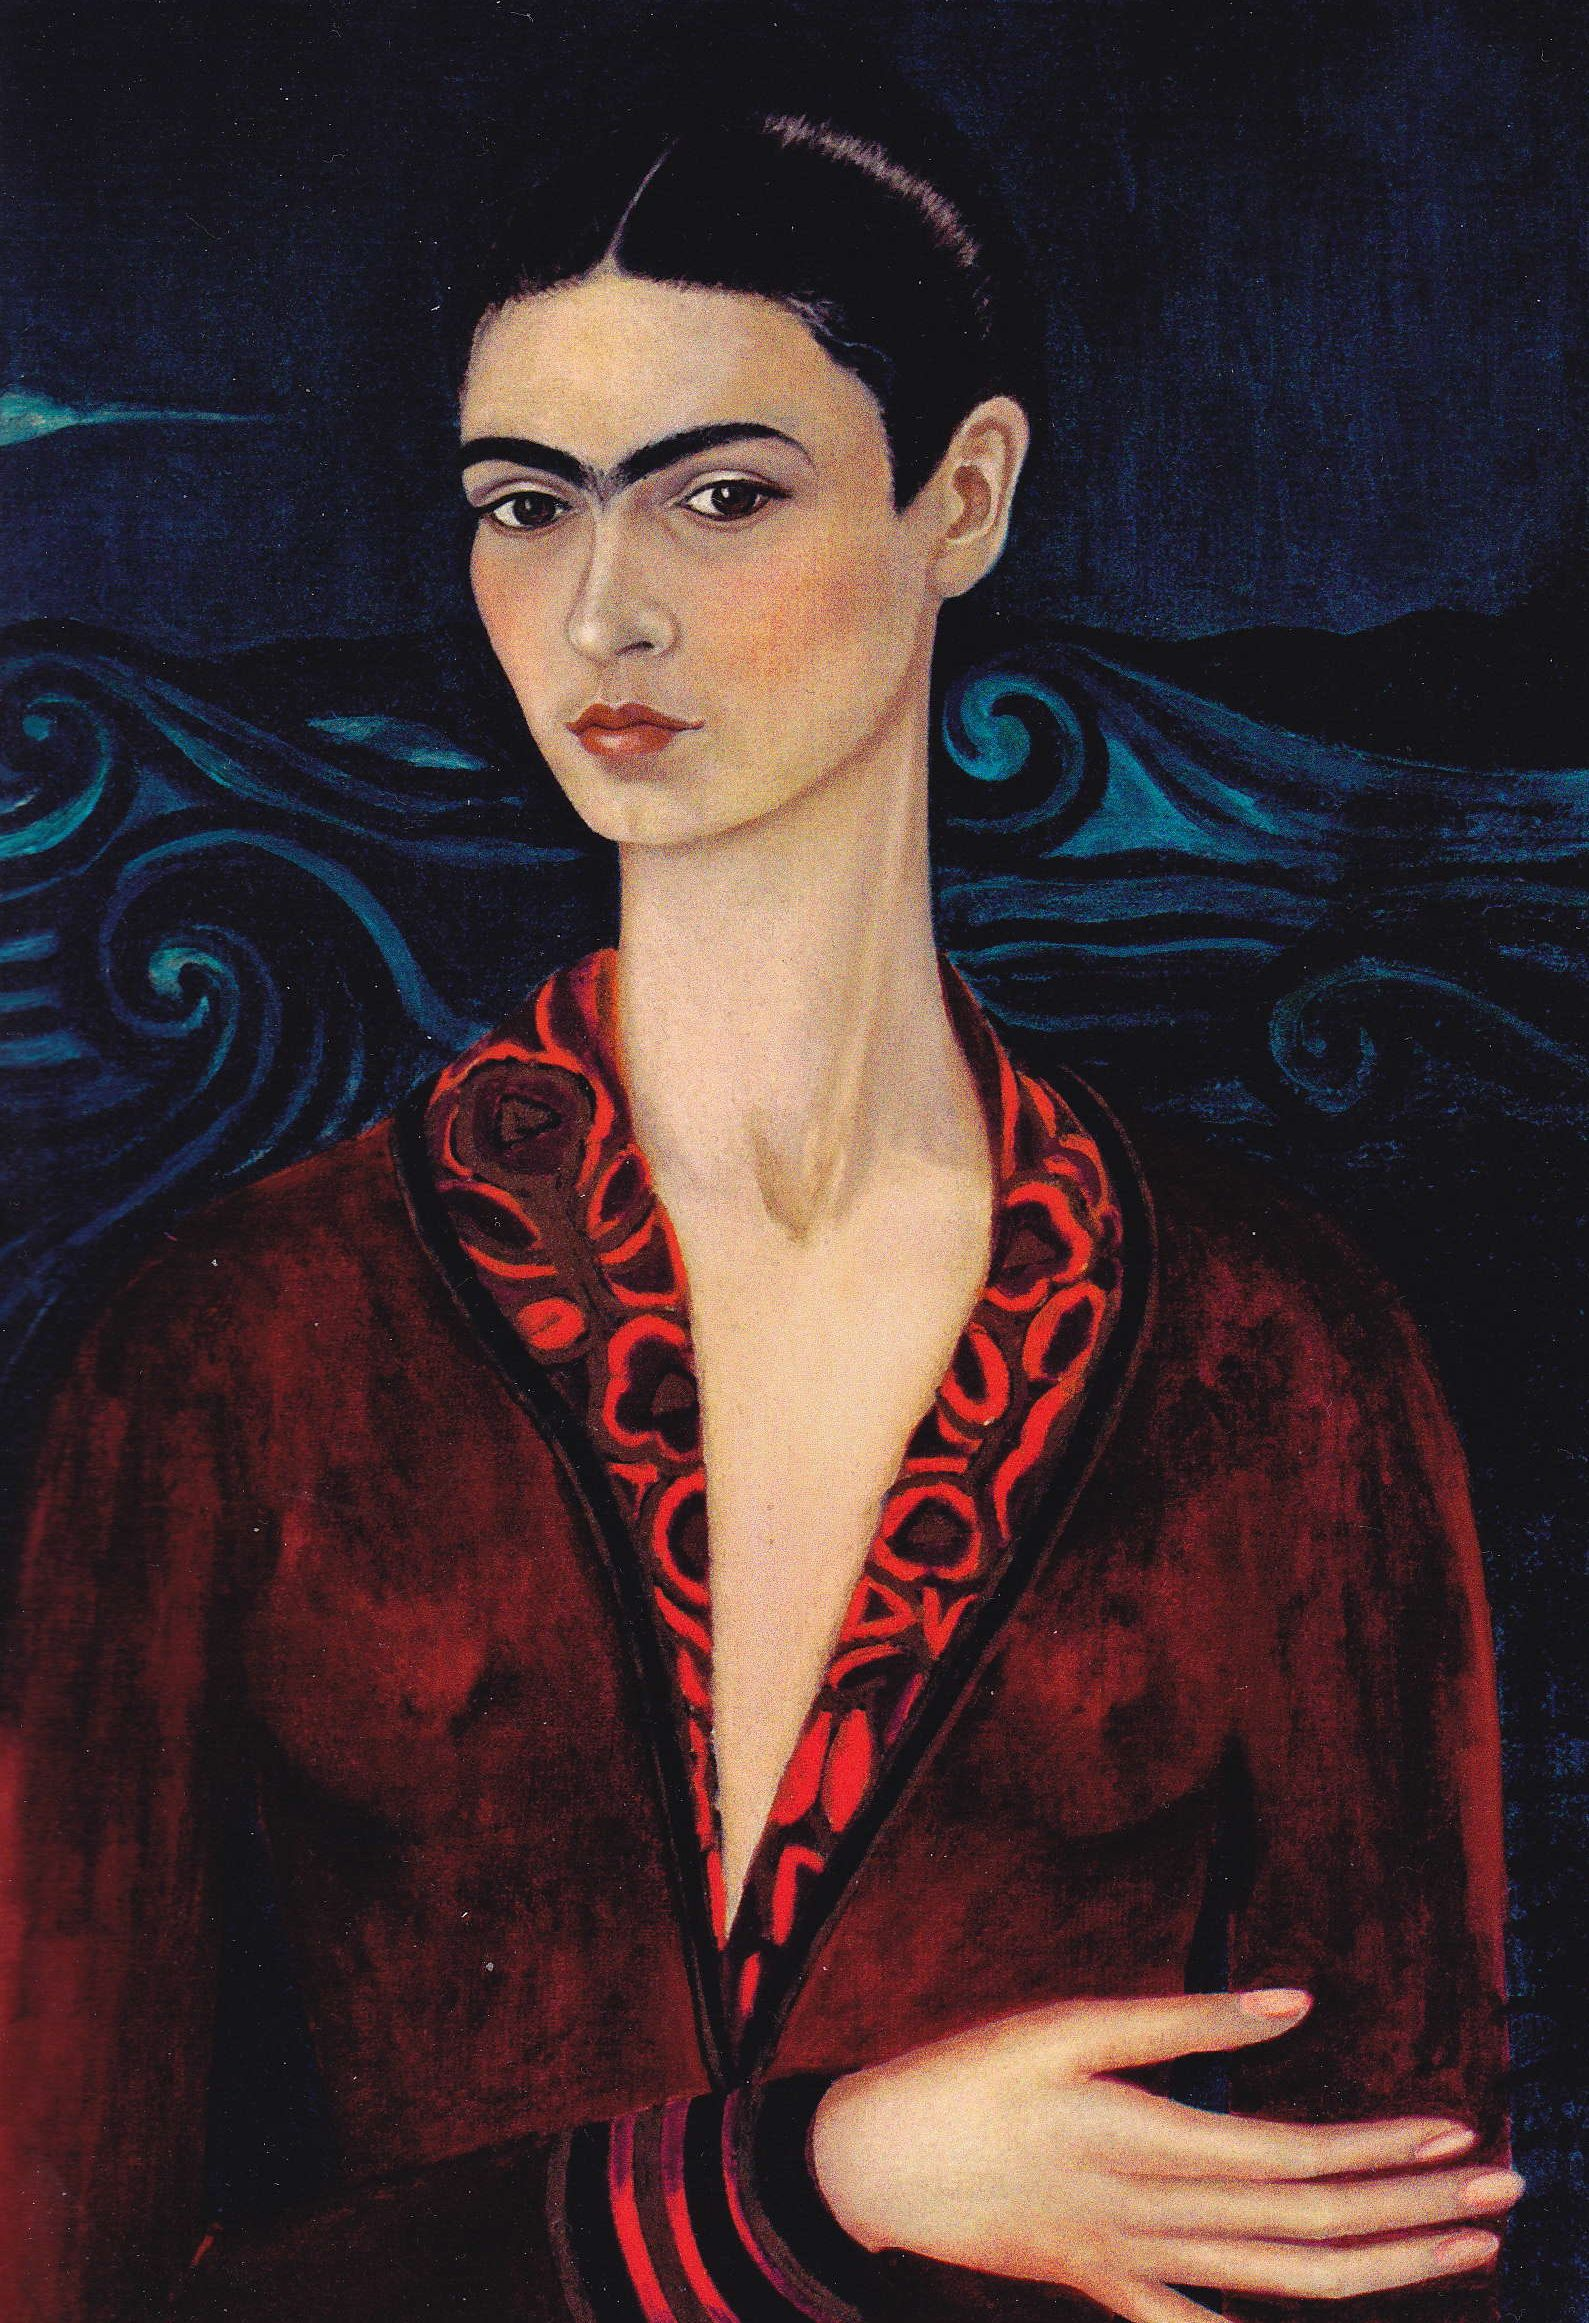 frida kahlo, 1926 autoportrait a la robe de velours on exhibit at musee de l'orangerie | Frida ...